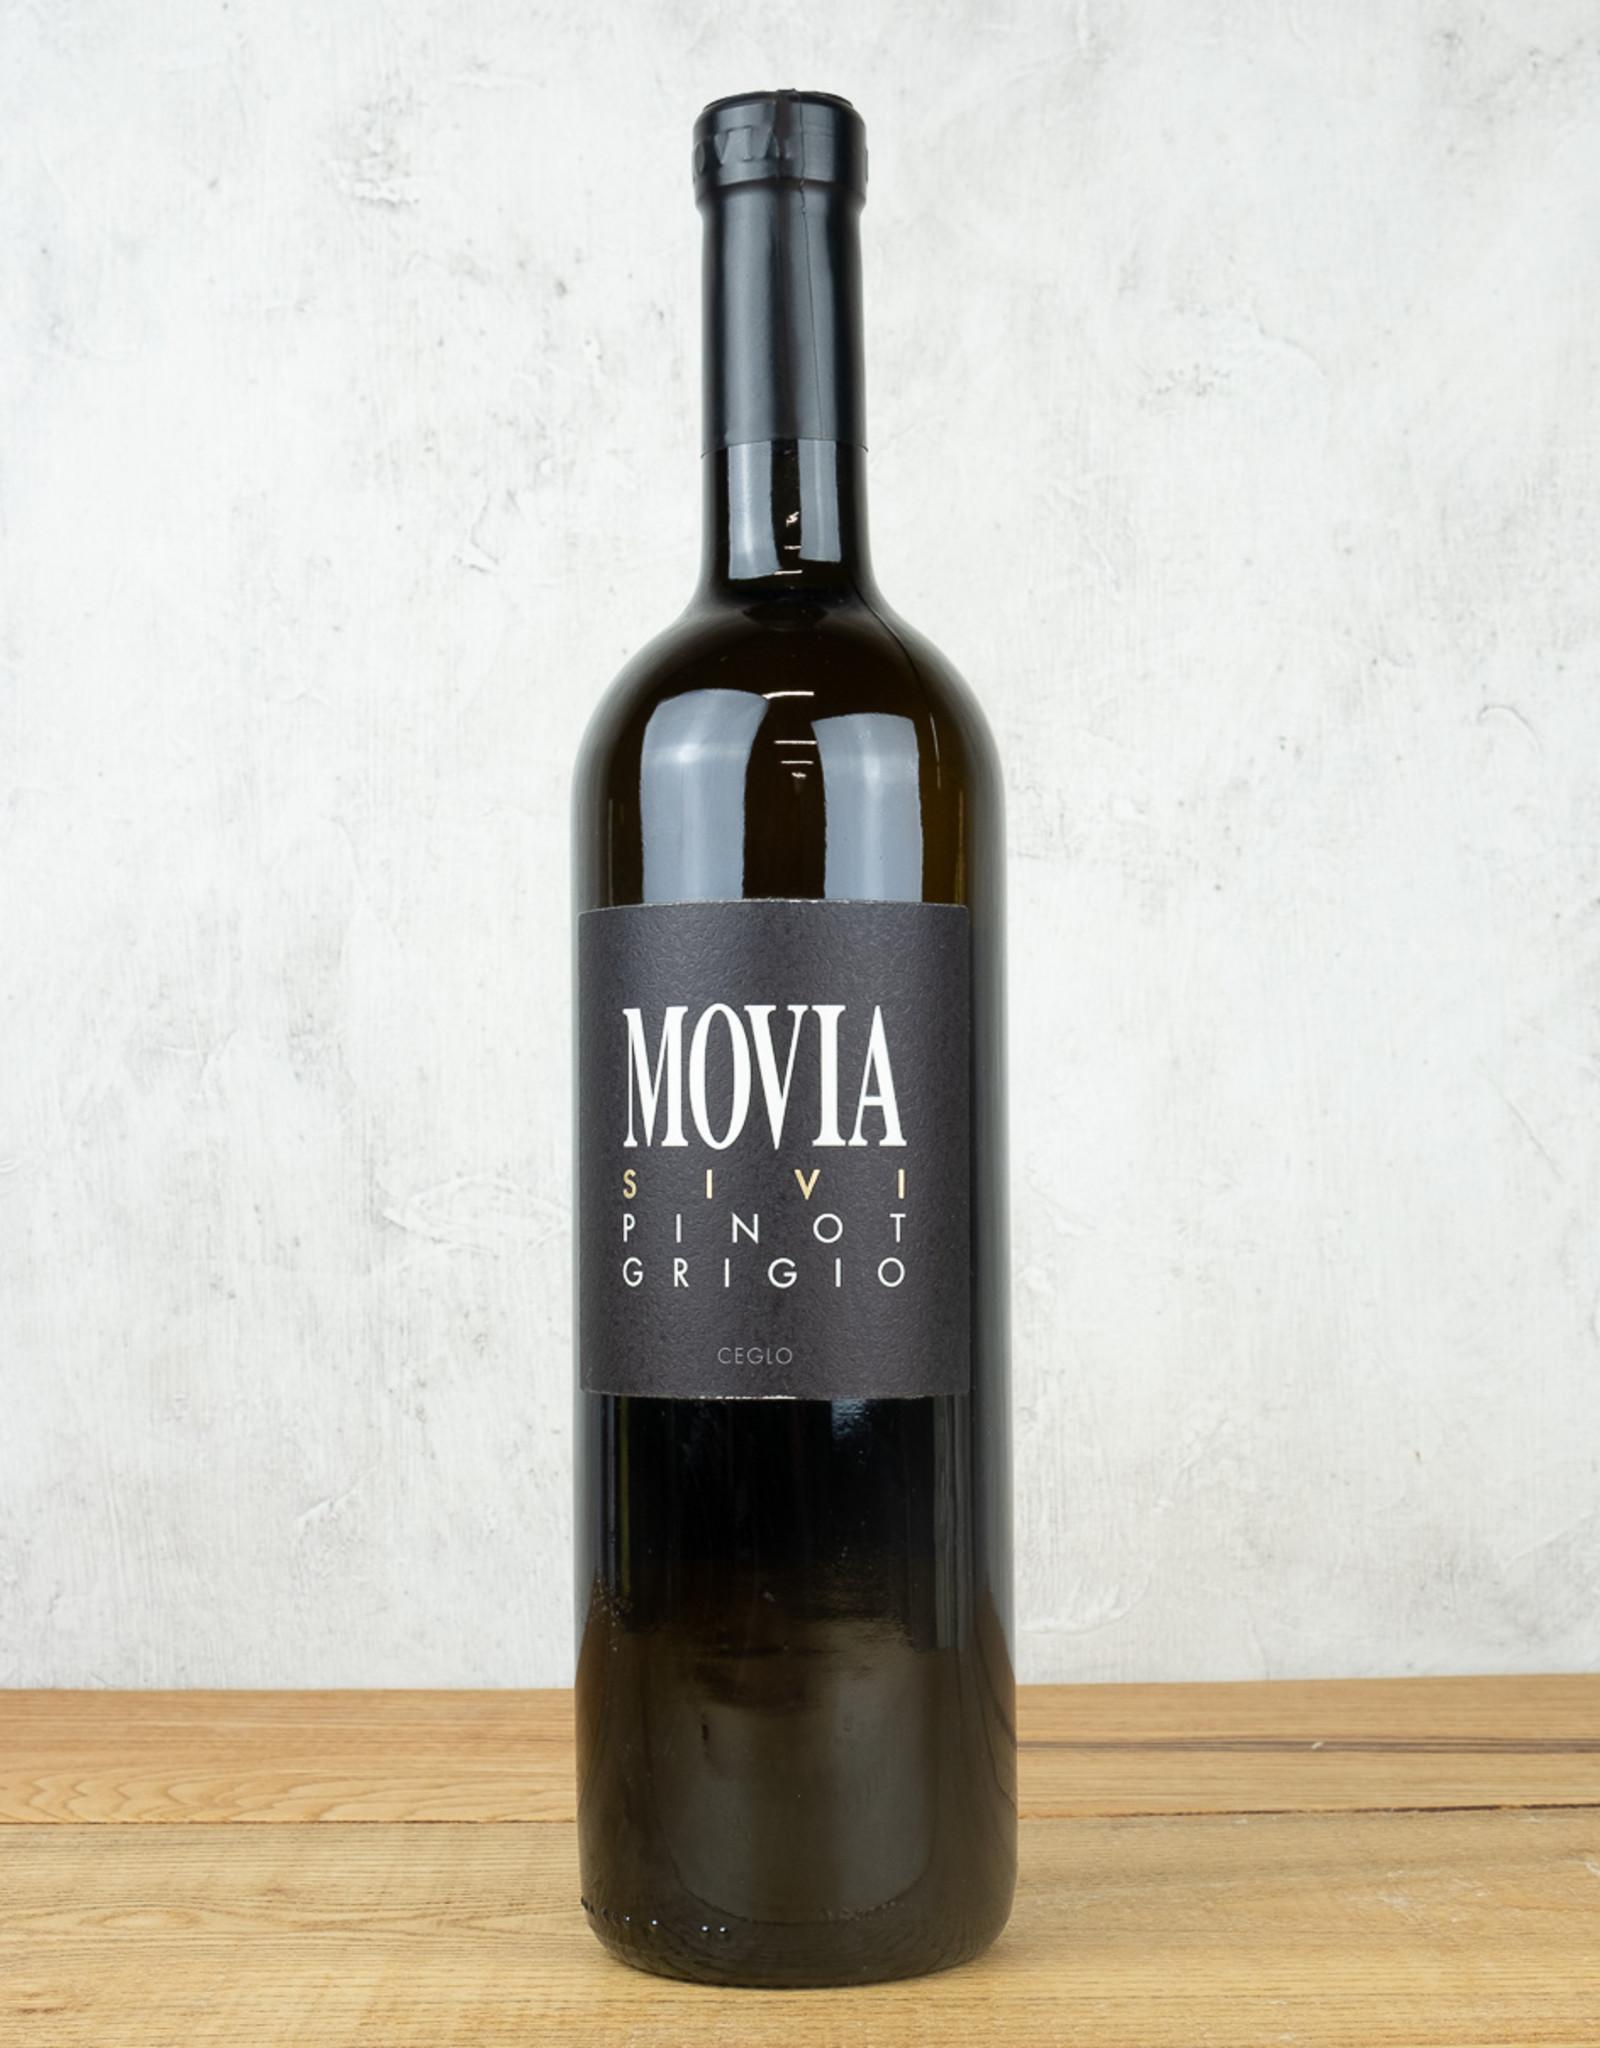 Movia Sivi Pinot Grigio